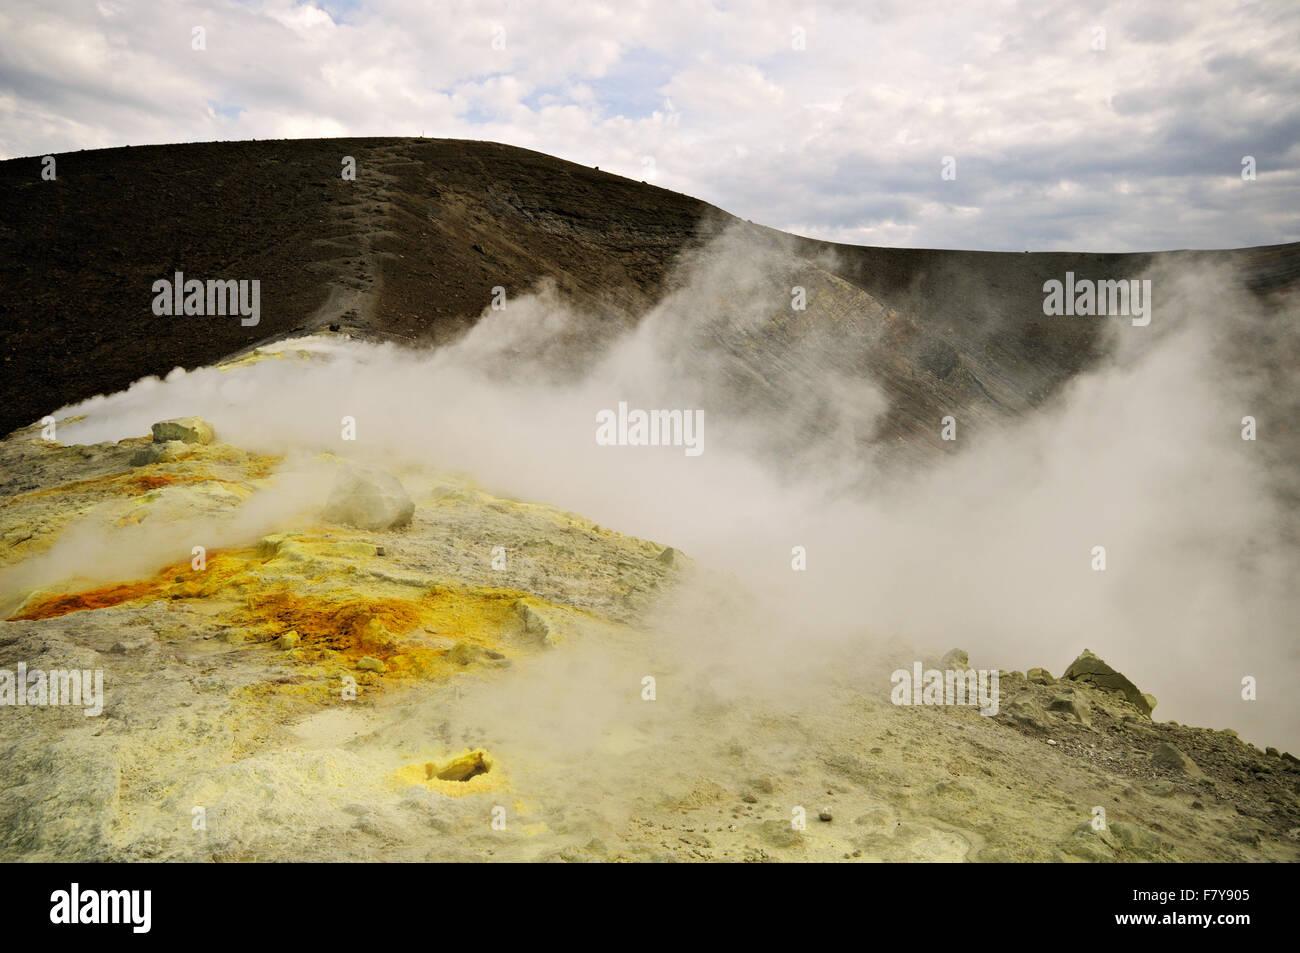 Azufre y fumarolas en el cráter (Gran Cratere) de Vulcano, las Islas Eolias, en Sicilia, Italia Imagen De Stock